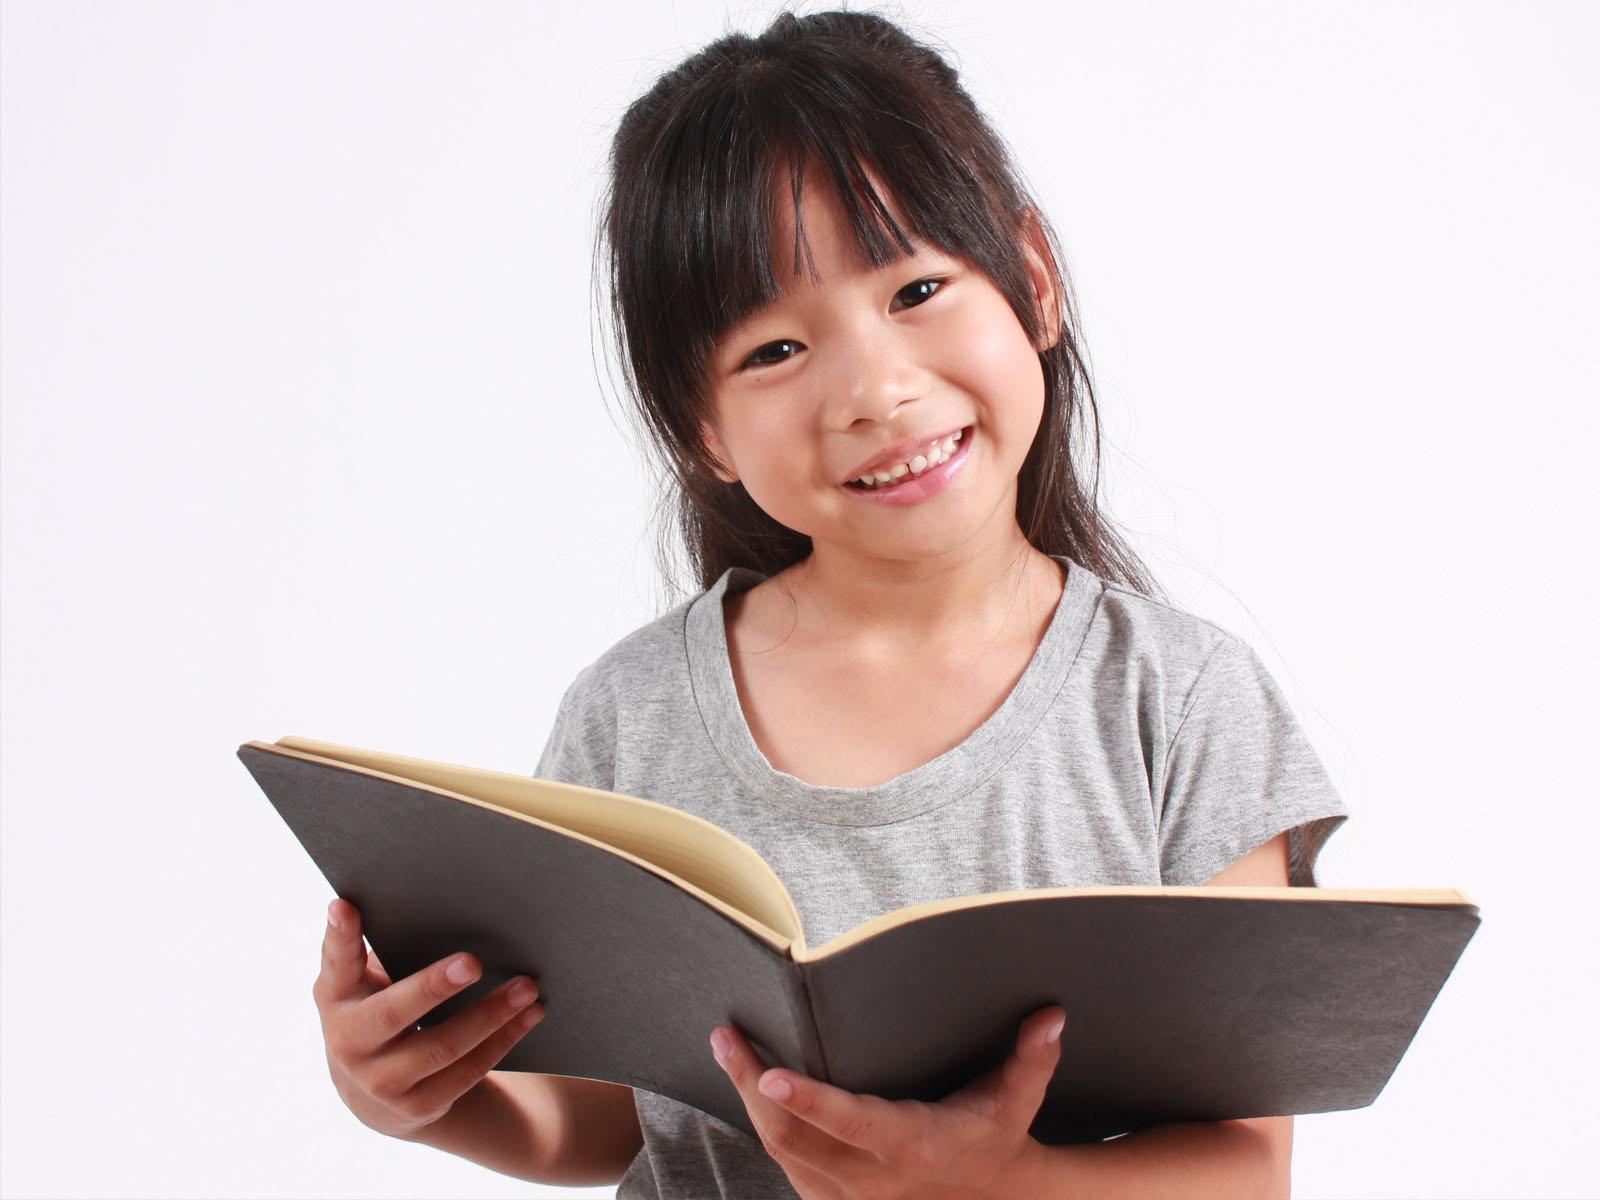 ผลสำรวจสาเหตุ การอ่านหนังสือของเด็ก ในเด็กวัย 6-14 ปี